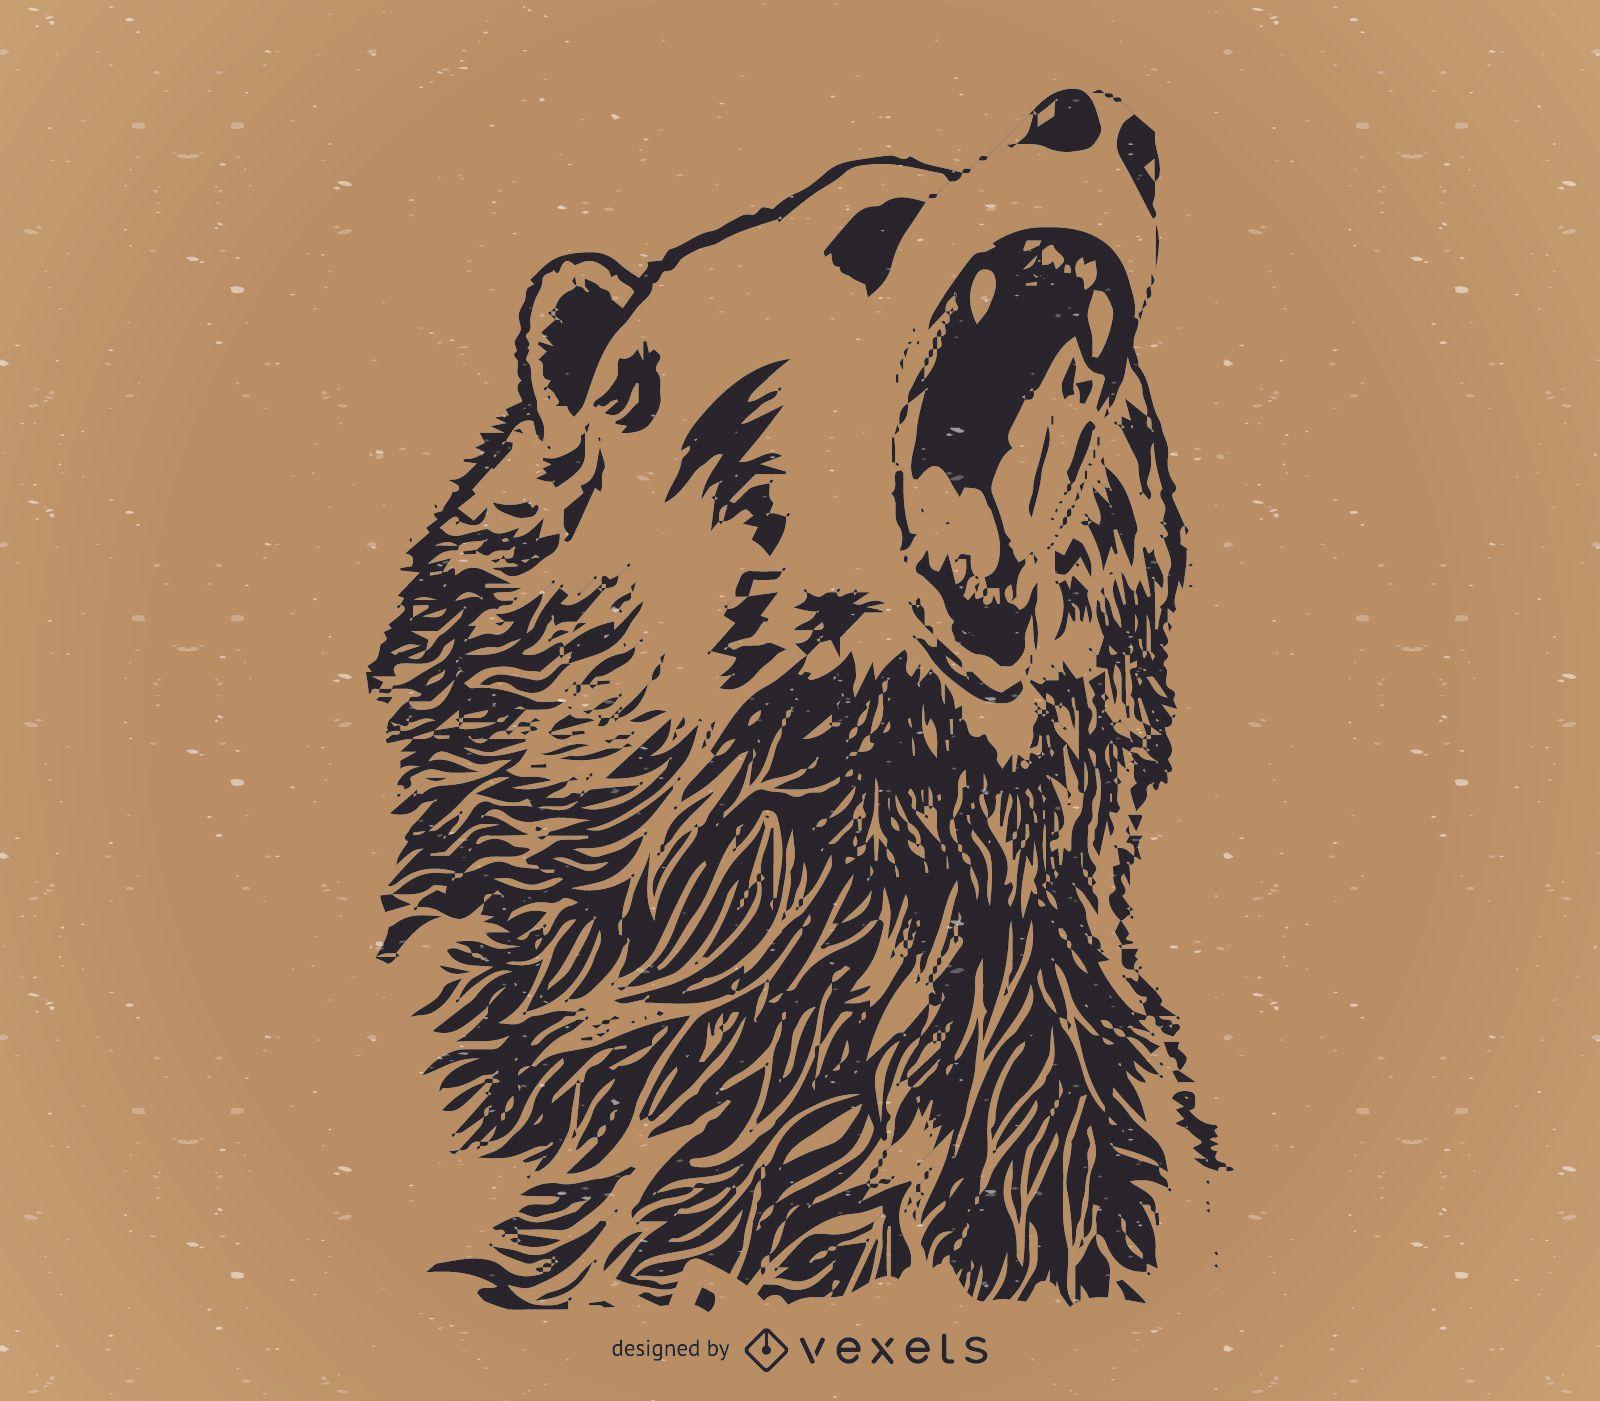 Dise?o de oso aullador